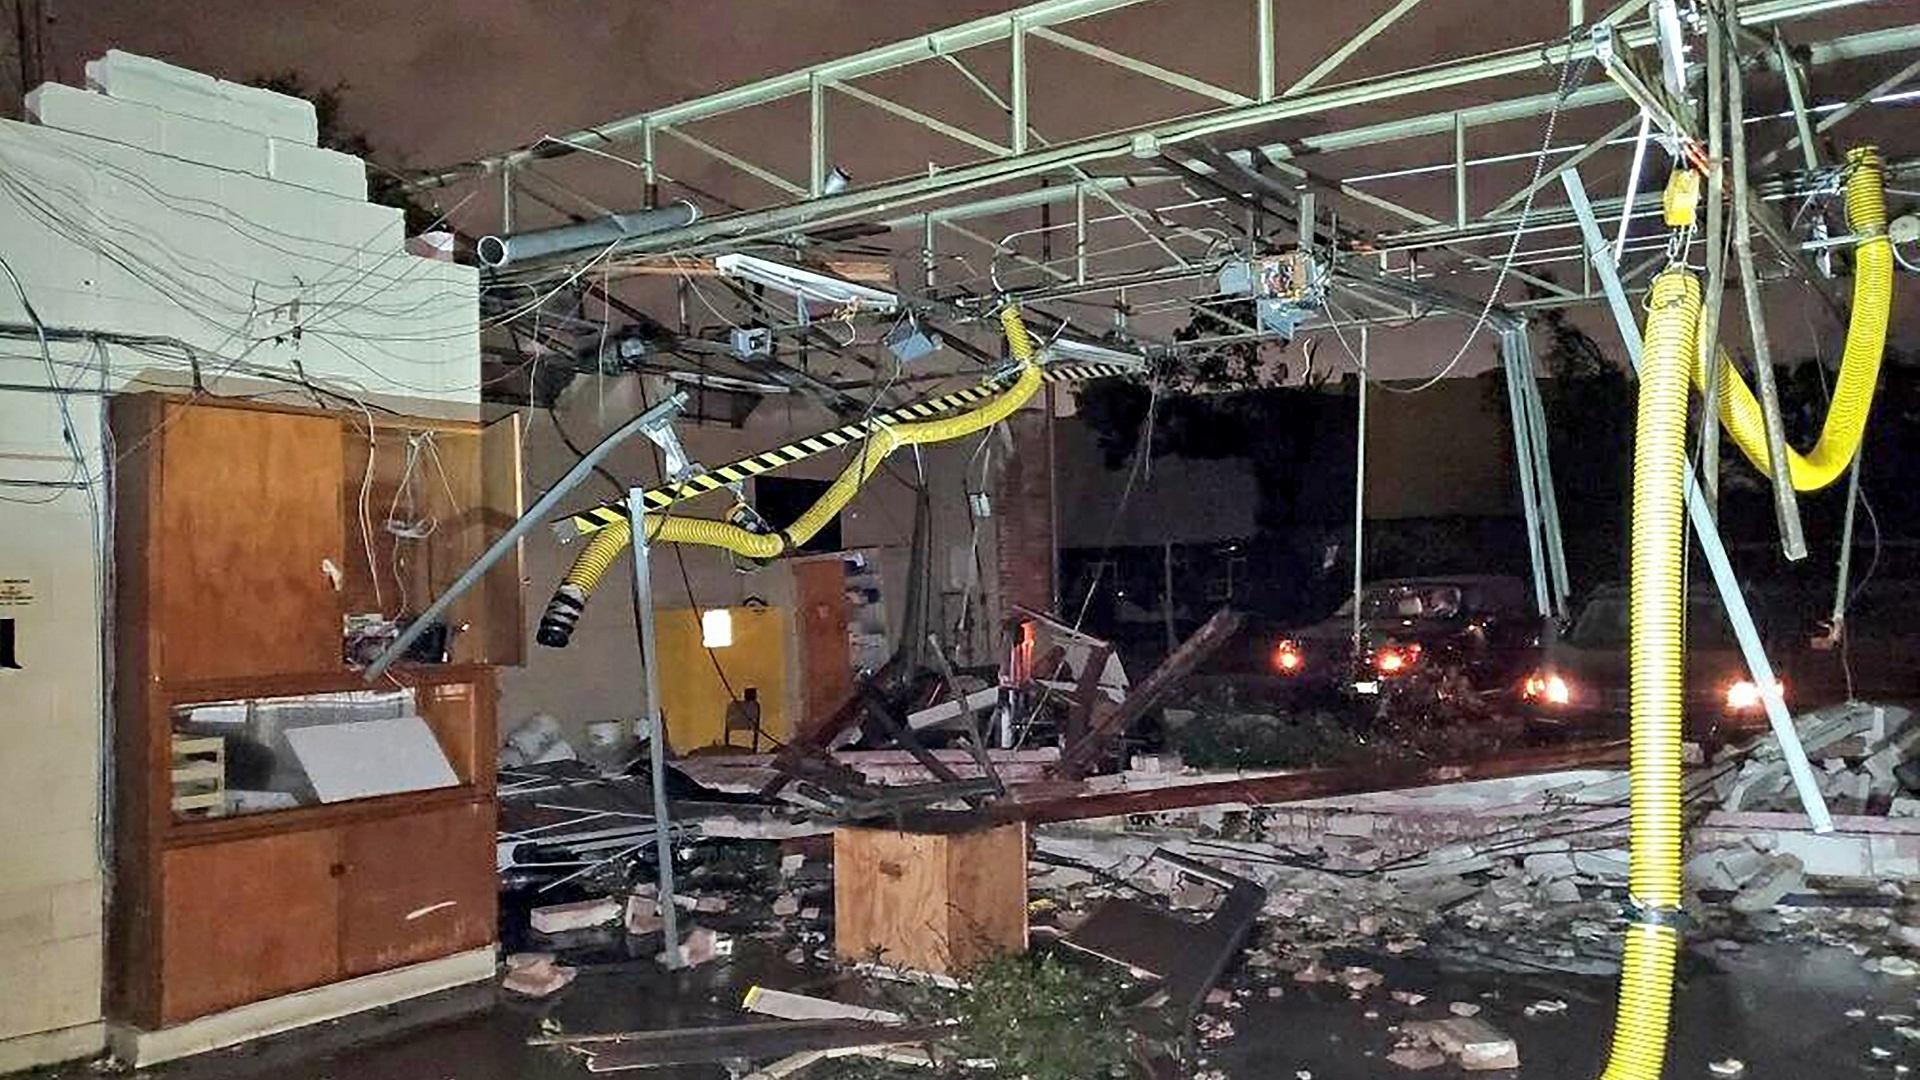 Bomberos en atención de colapso de edificio. Foto de @DallasFireRes_q